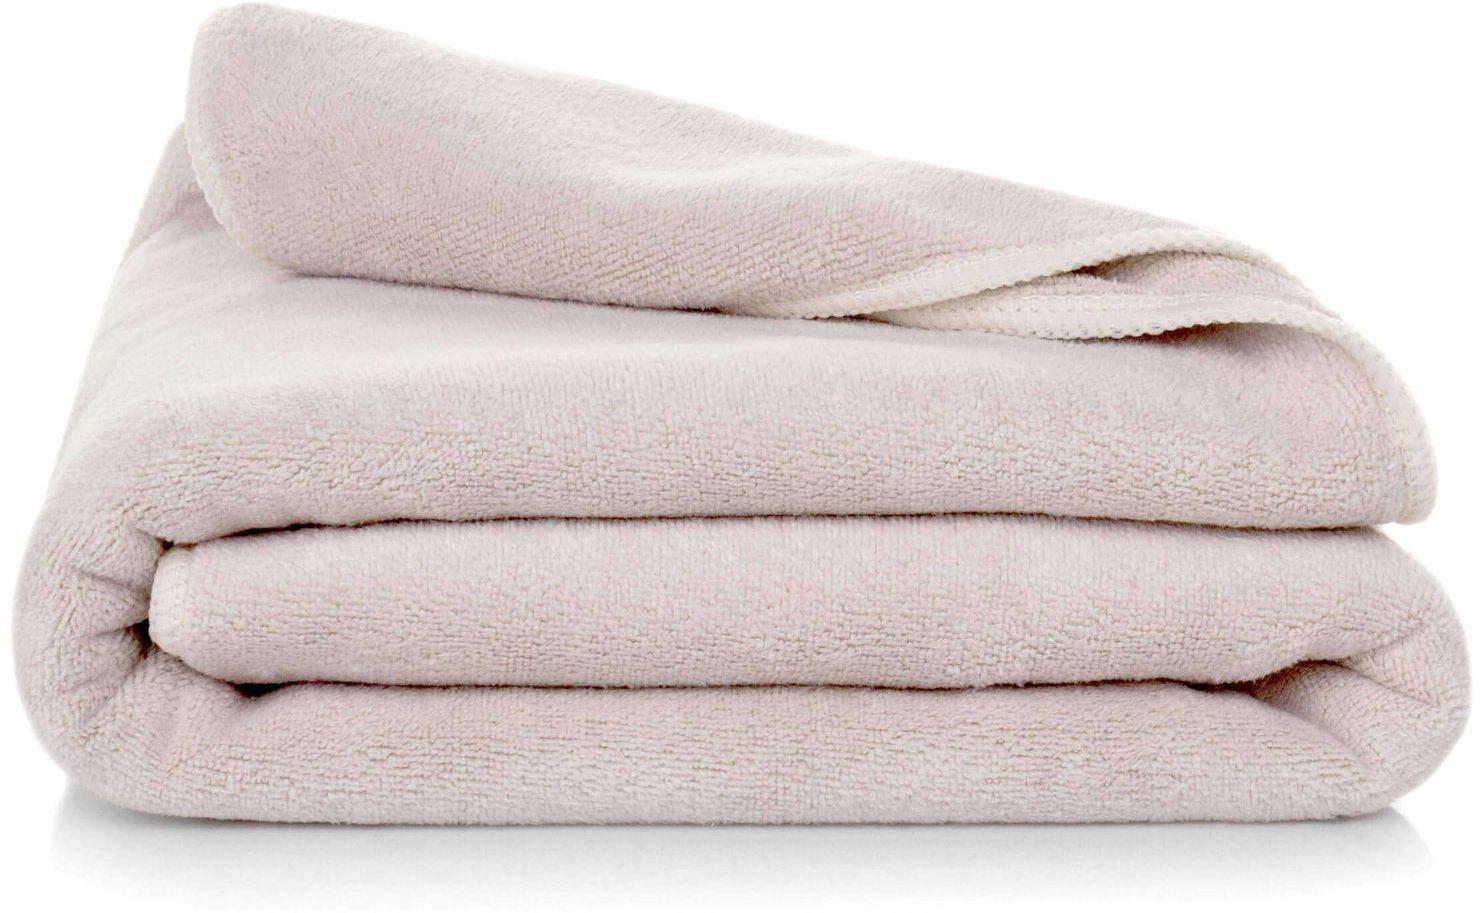 Ręcznik Kąpielowy Eurofirany Amy 02 380 g/m2 Beżowy 50x90